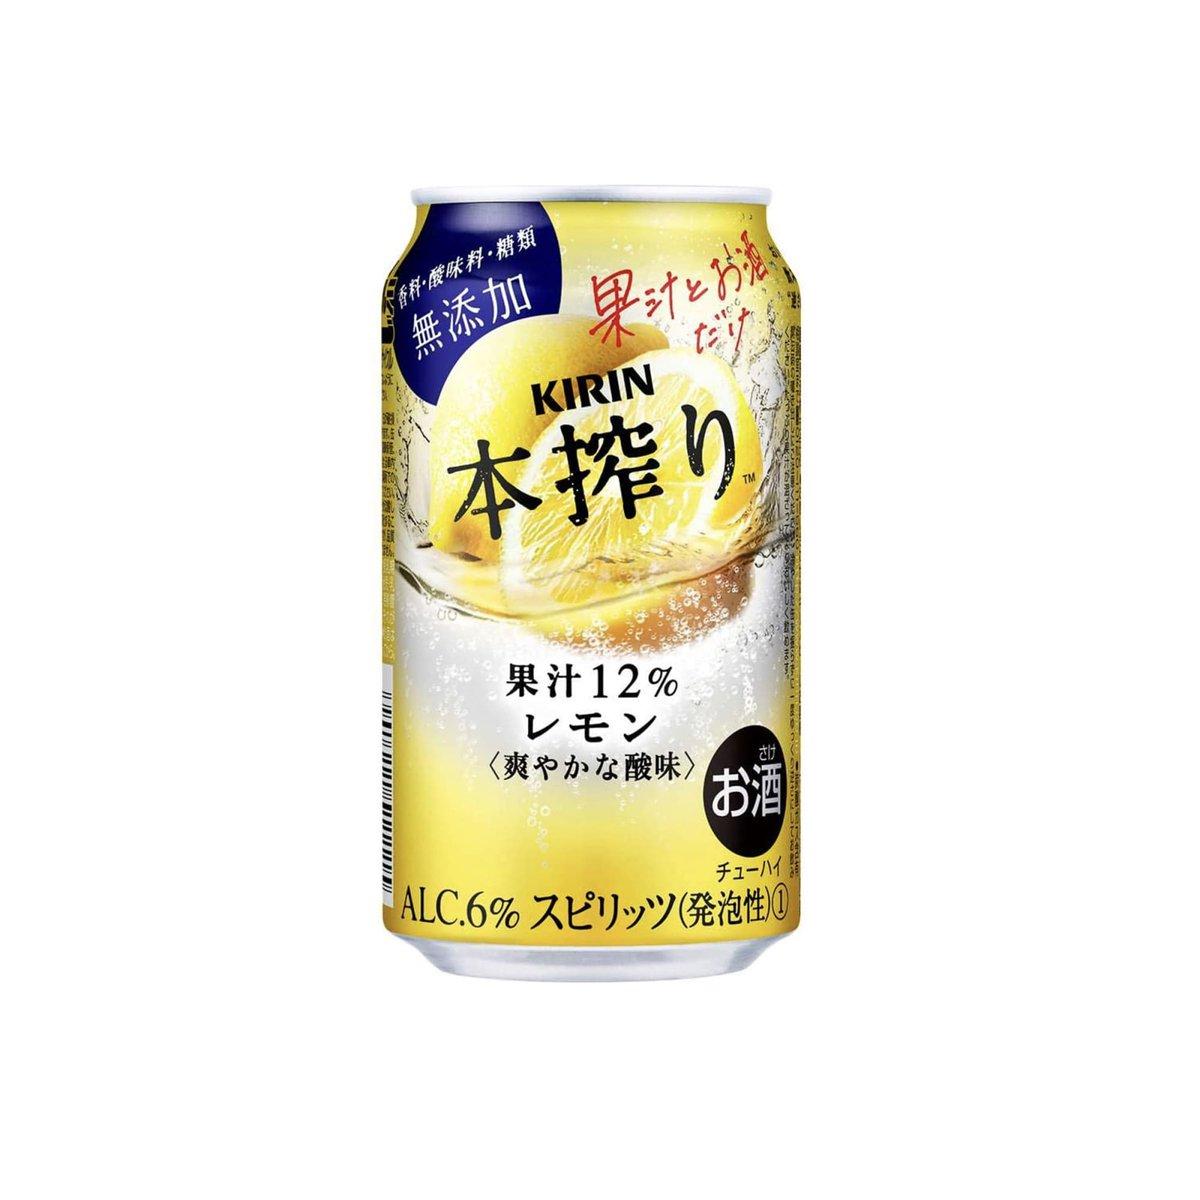 気になる13種を飲み比べ、毎日飲みたいレモンチューハイ選手権